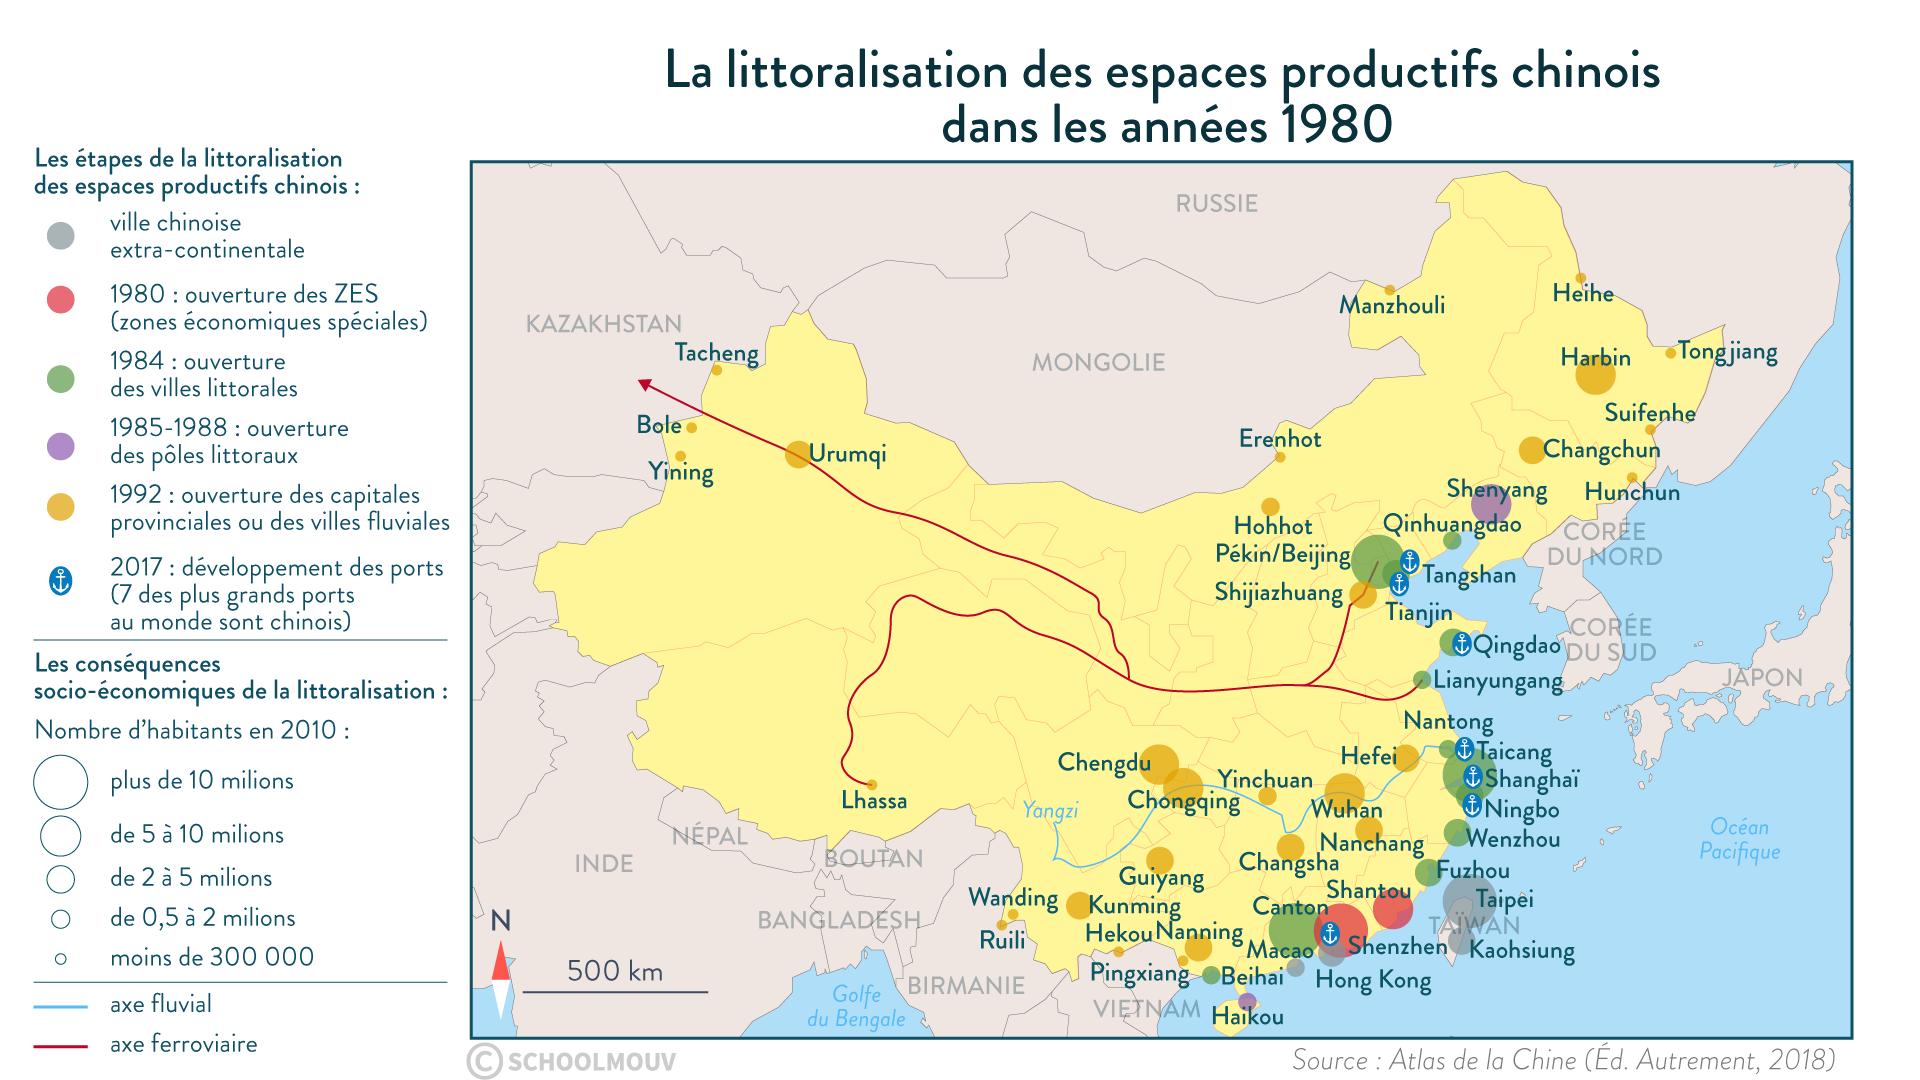 La littoralisation des espaces productifs chinois dans les années 1980 - SchoolMouv - Géographie - 1re